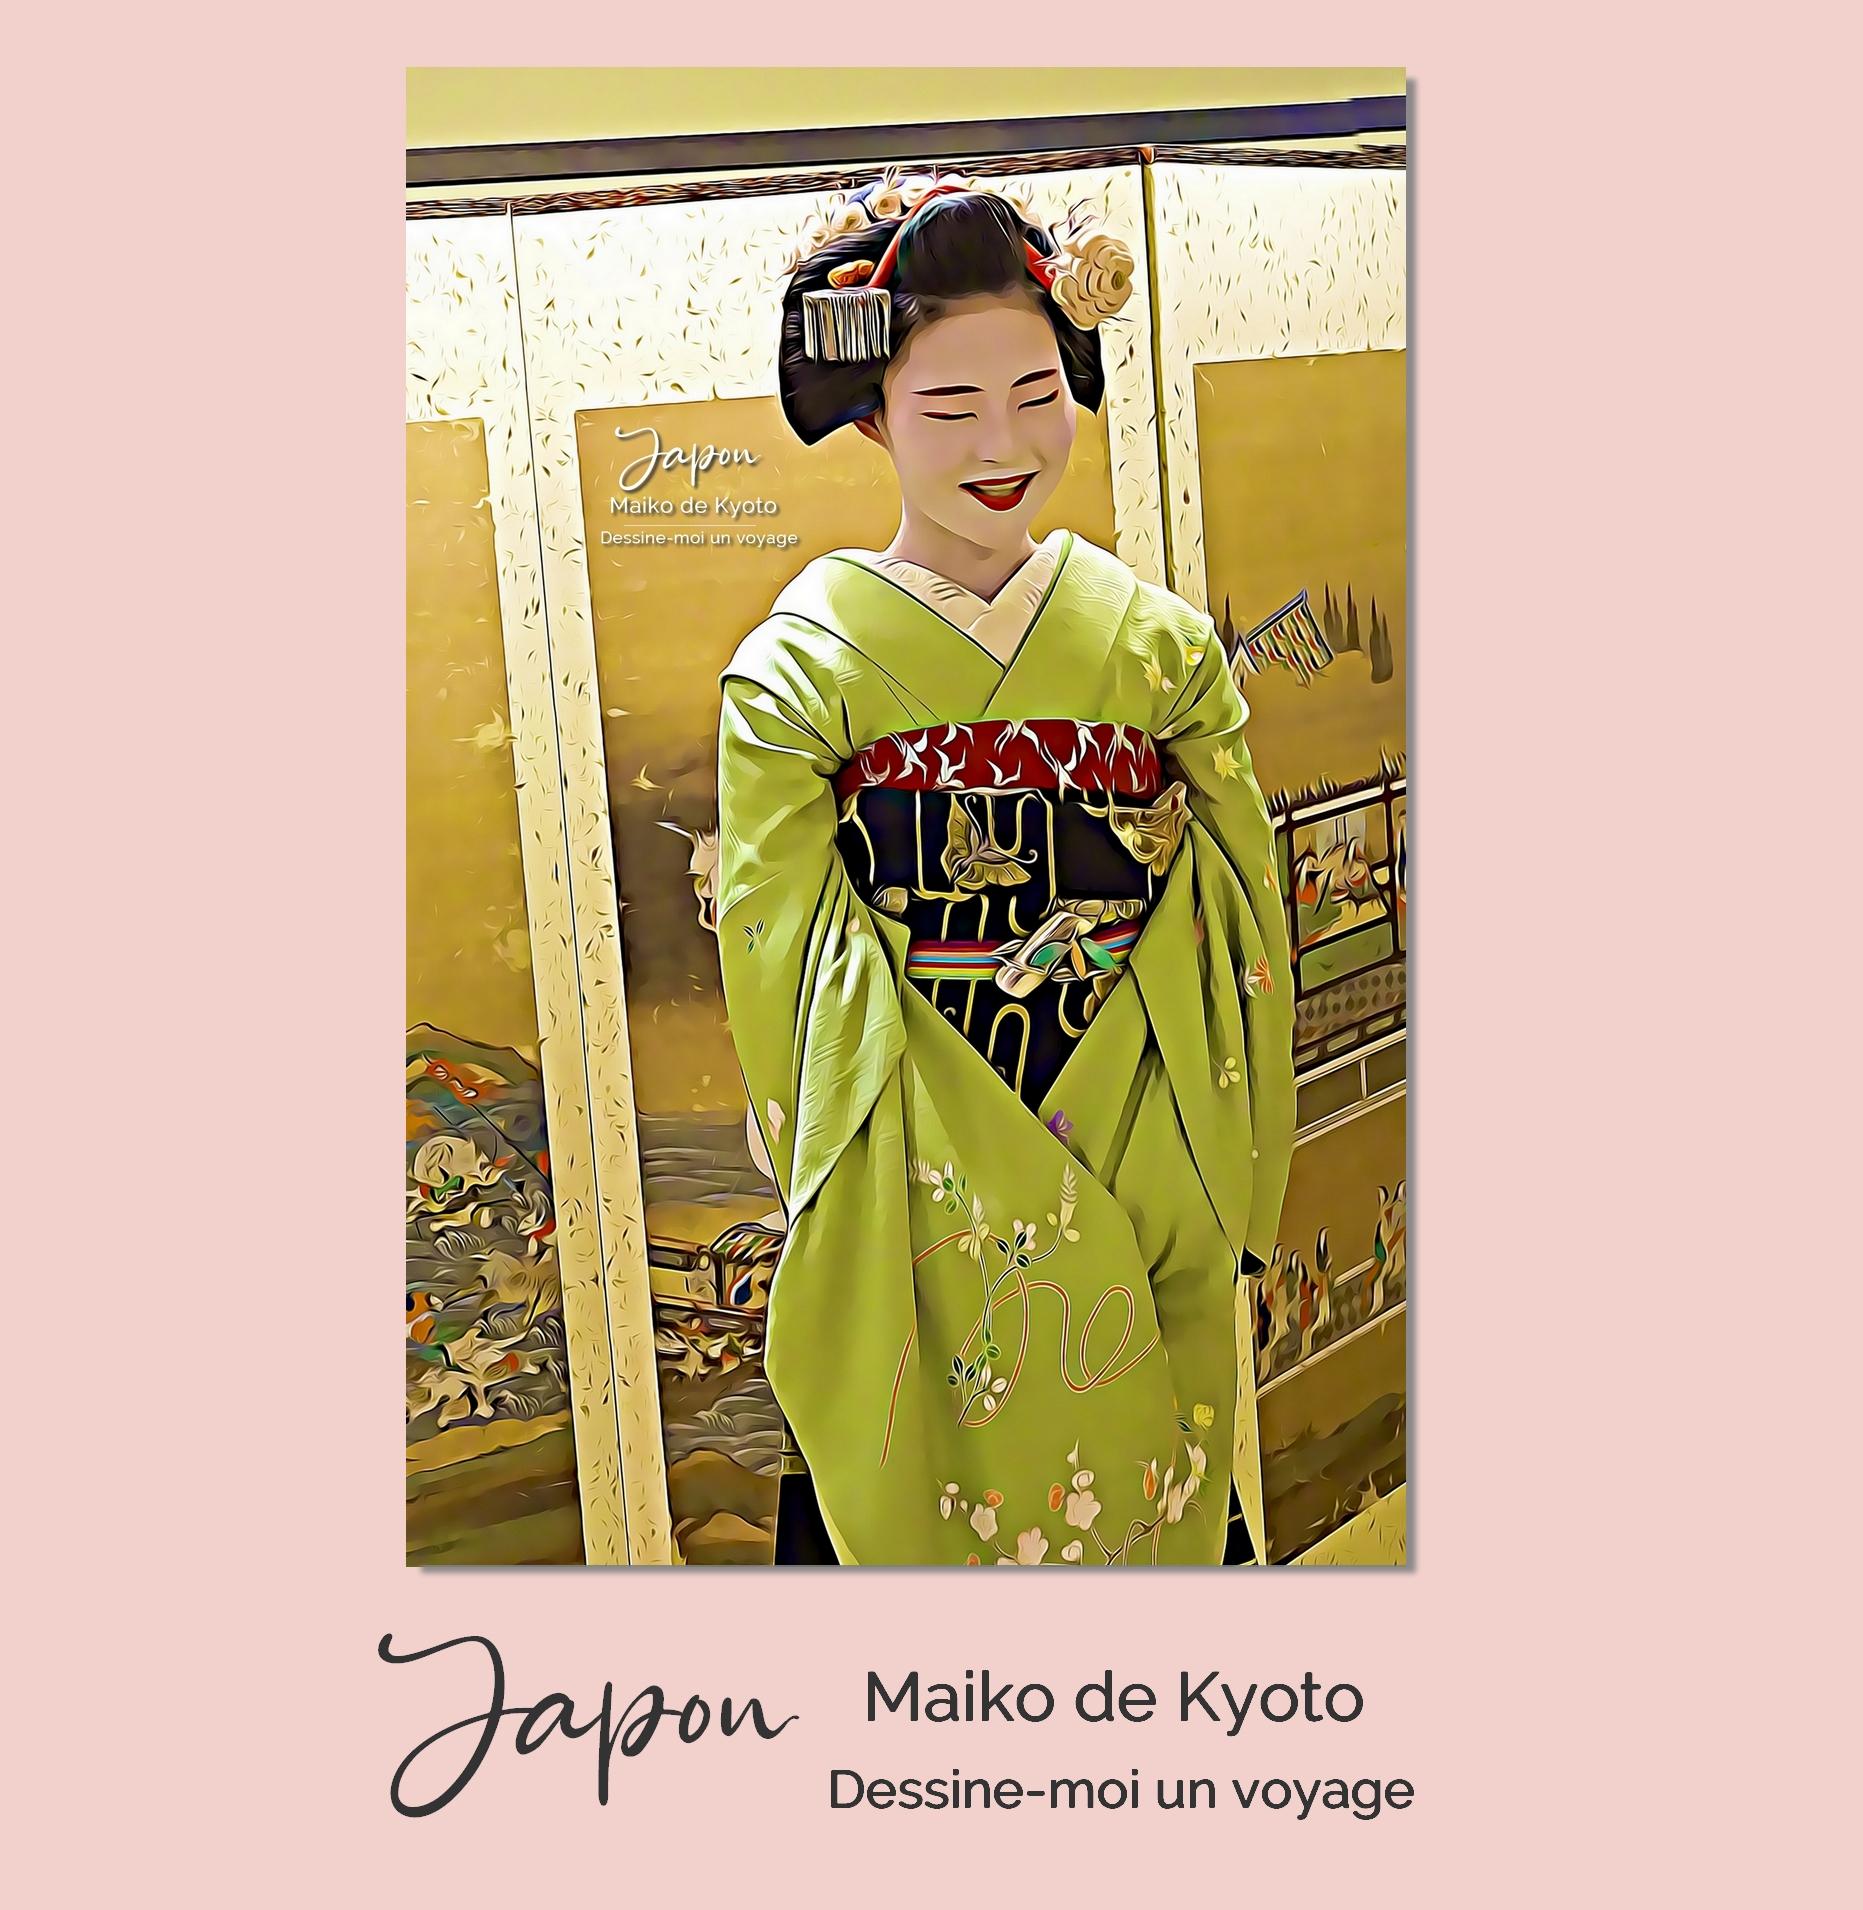 Tableau personnalisé portrait Japon